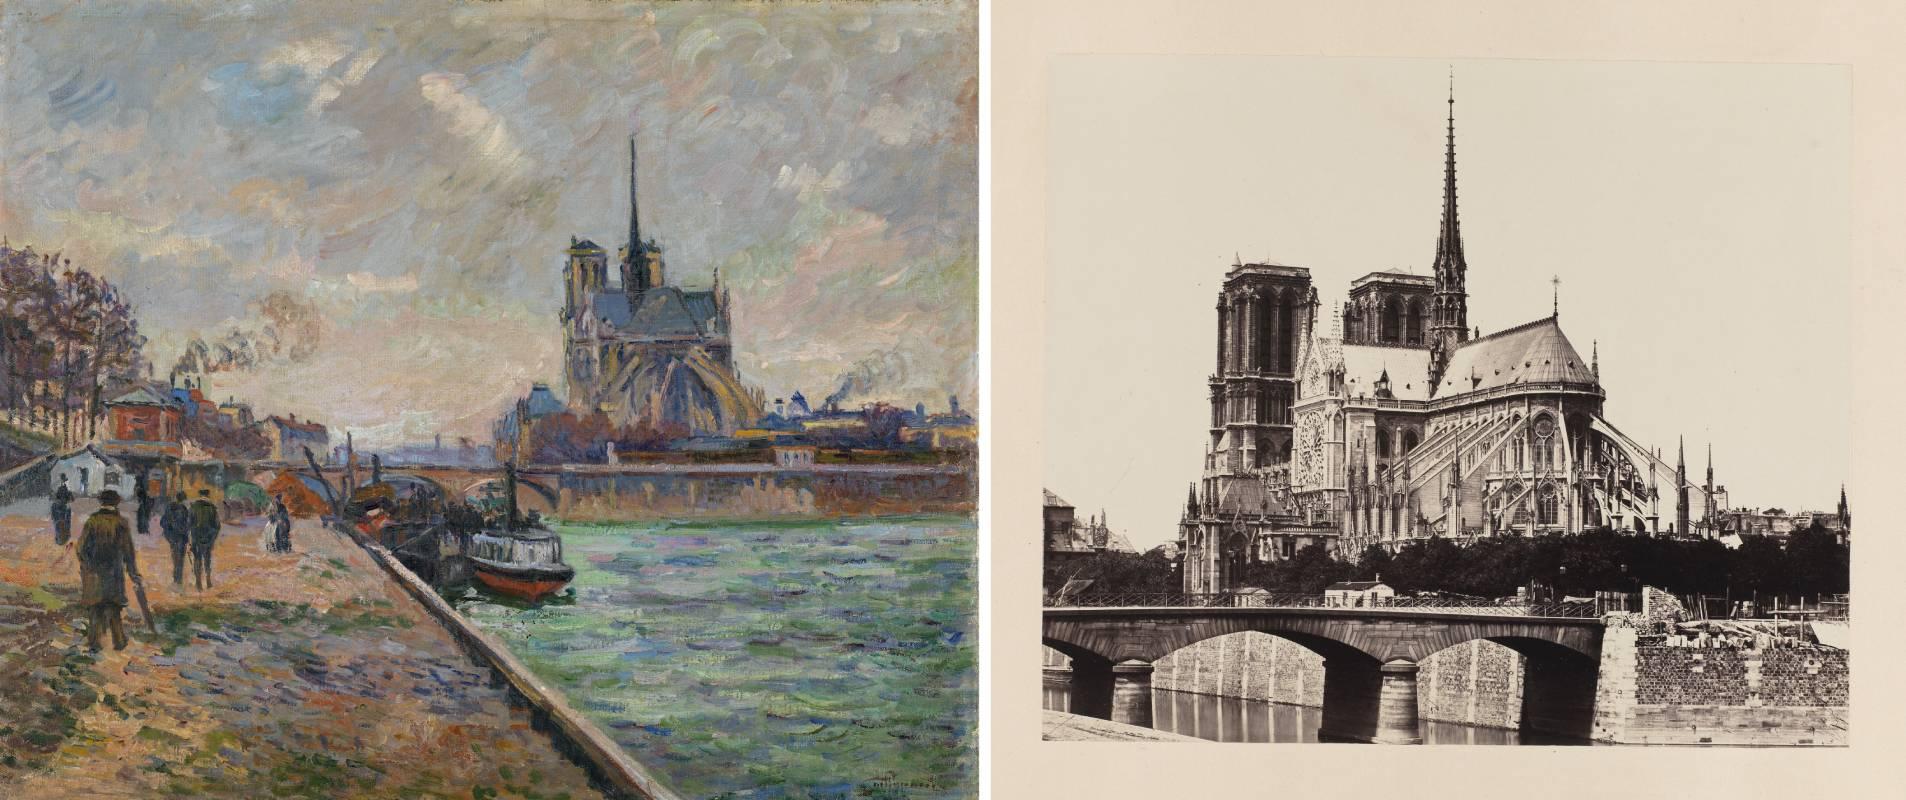 'El puente del Arzobispado y el ábside de Notre-Dame de París', de Armand Guillaumin y 'Vista posterior de Notre Dame de París', de Édouard Baldus.